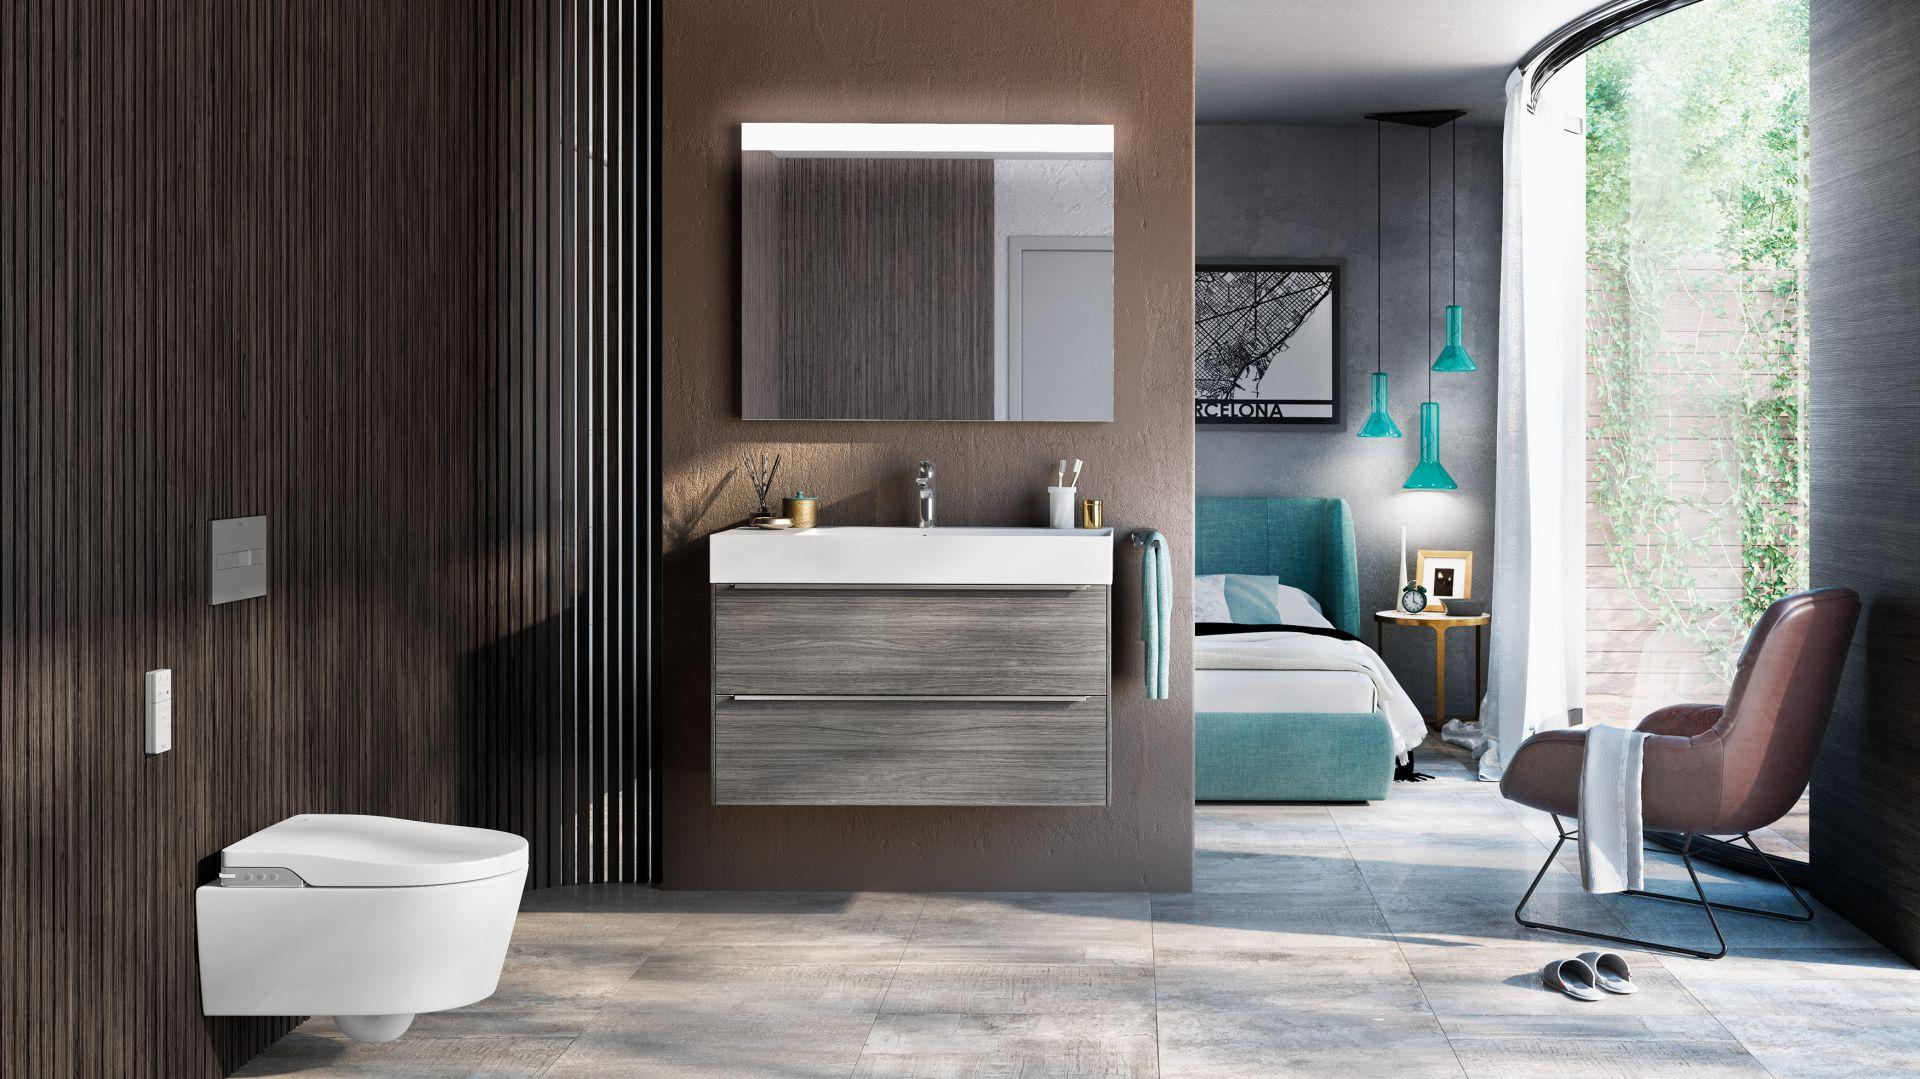 Ceramika sanitarna z serii Inspira. Fot. Roca